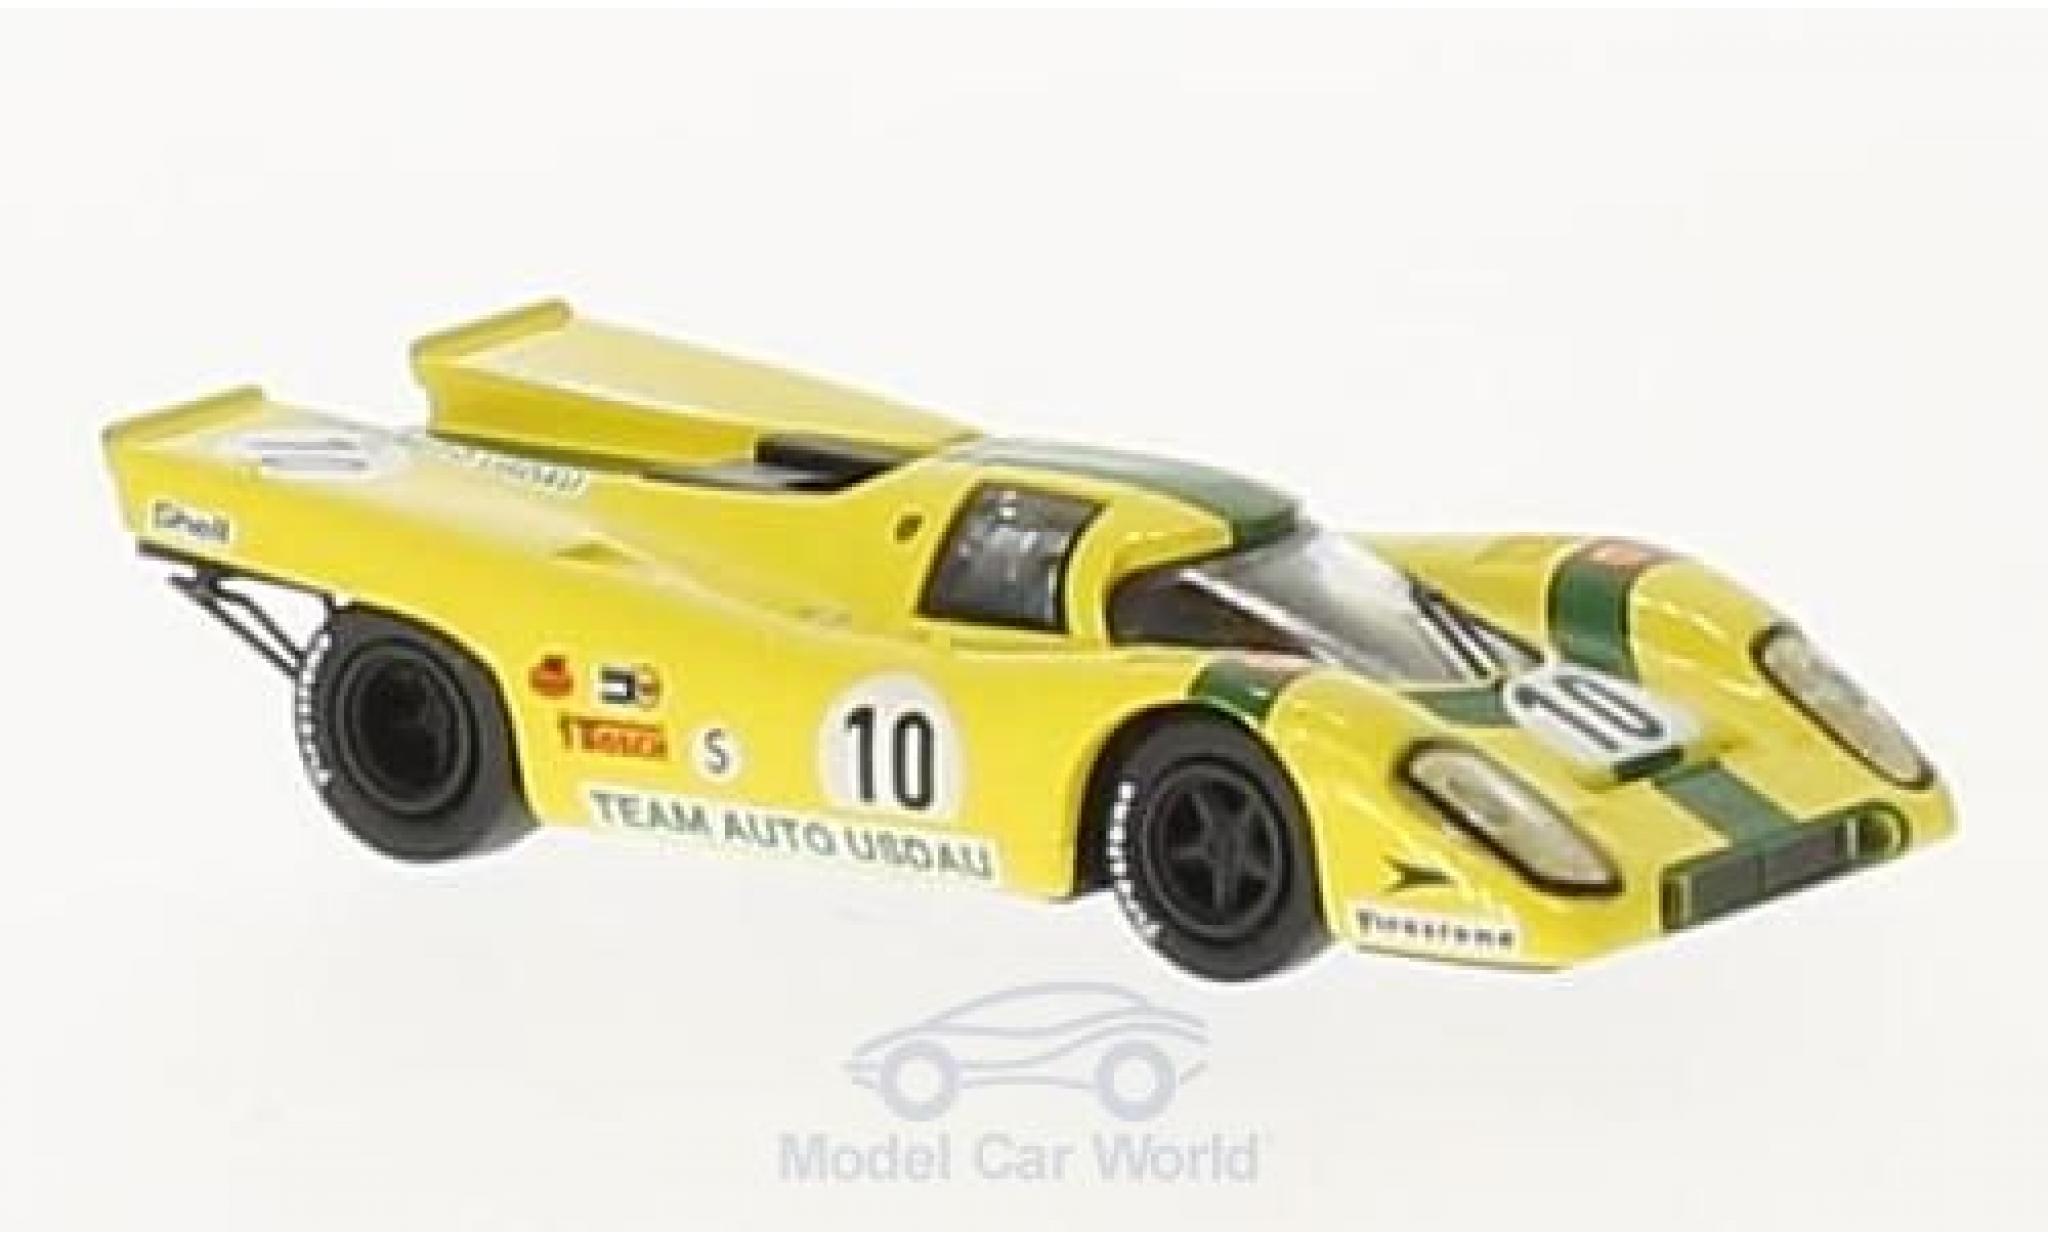 Porsche 917 1971 1/87 Brekina K No.10 Team Auto Usdau 1000 Km Brands Hatch R.Joest/W.Kauhsen